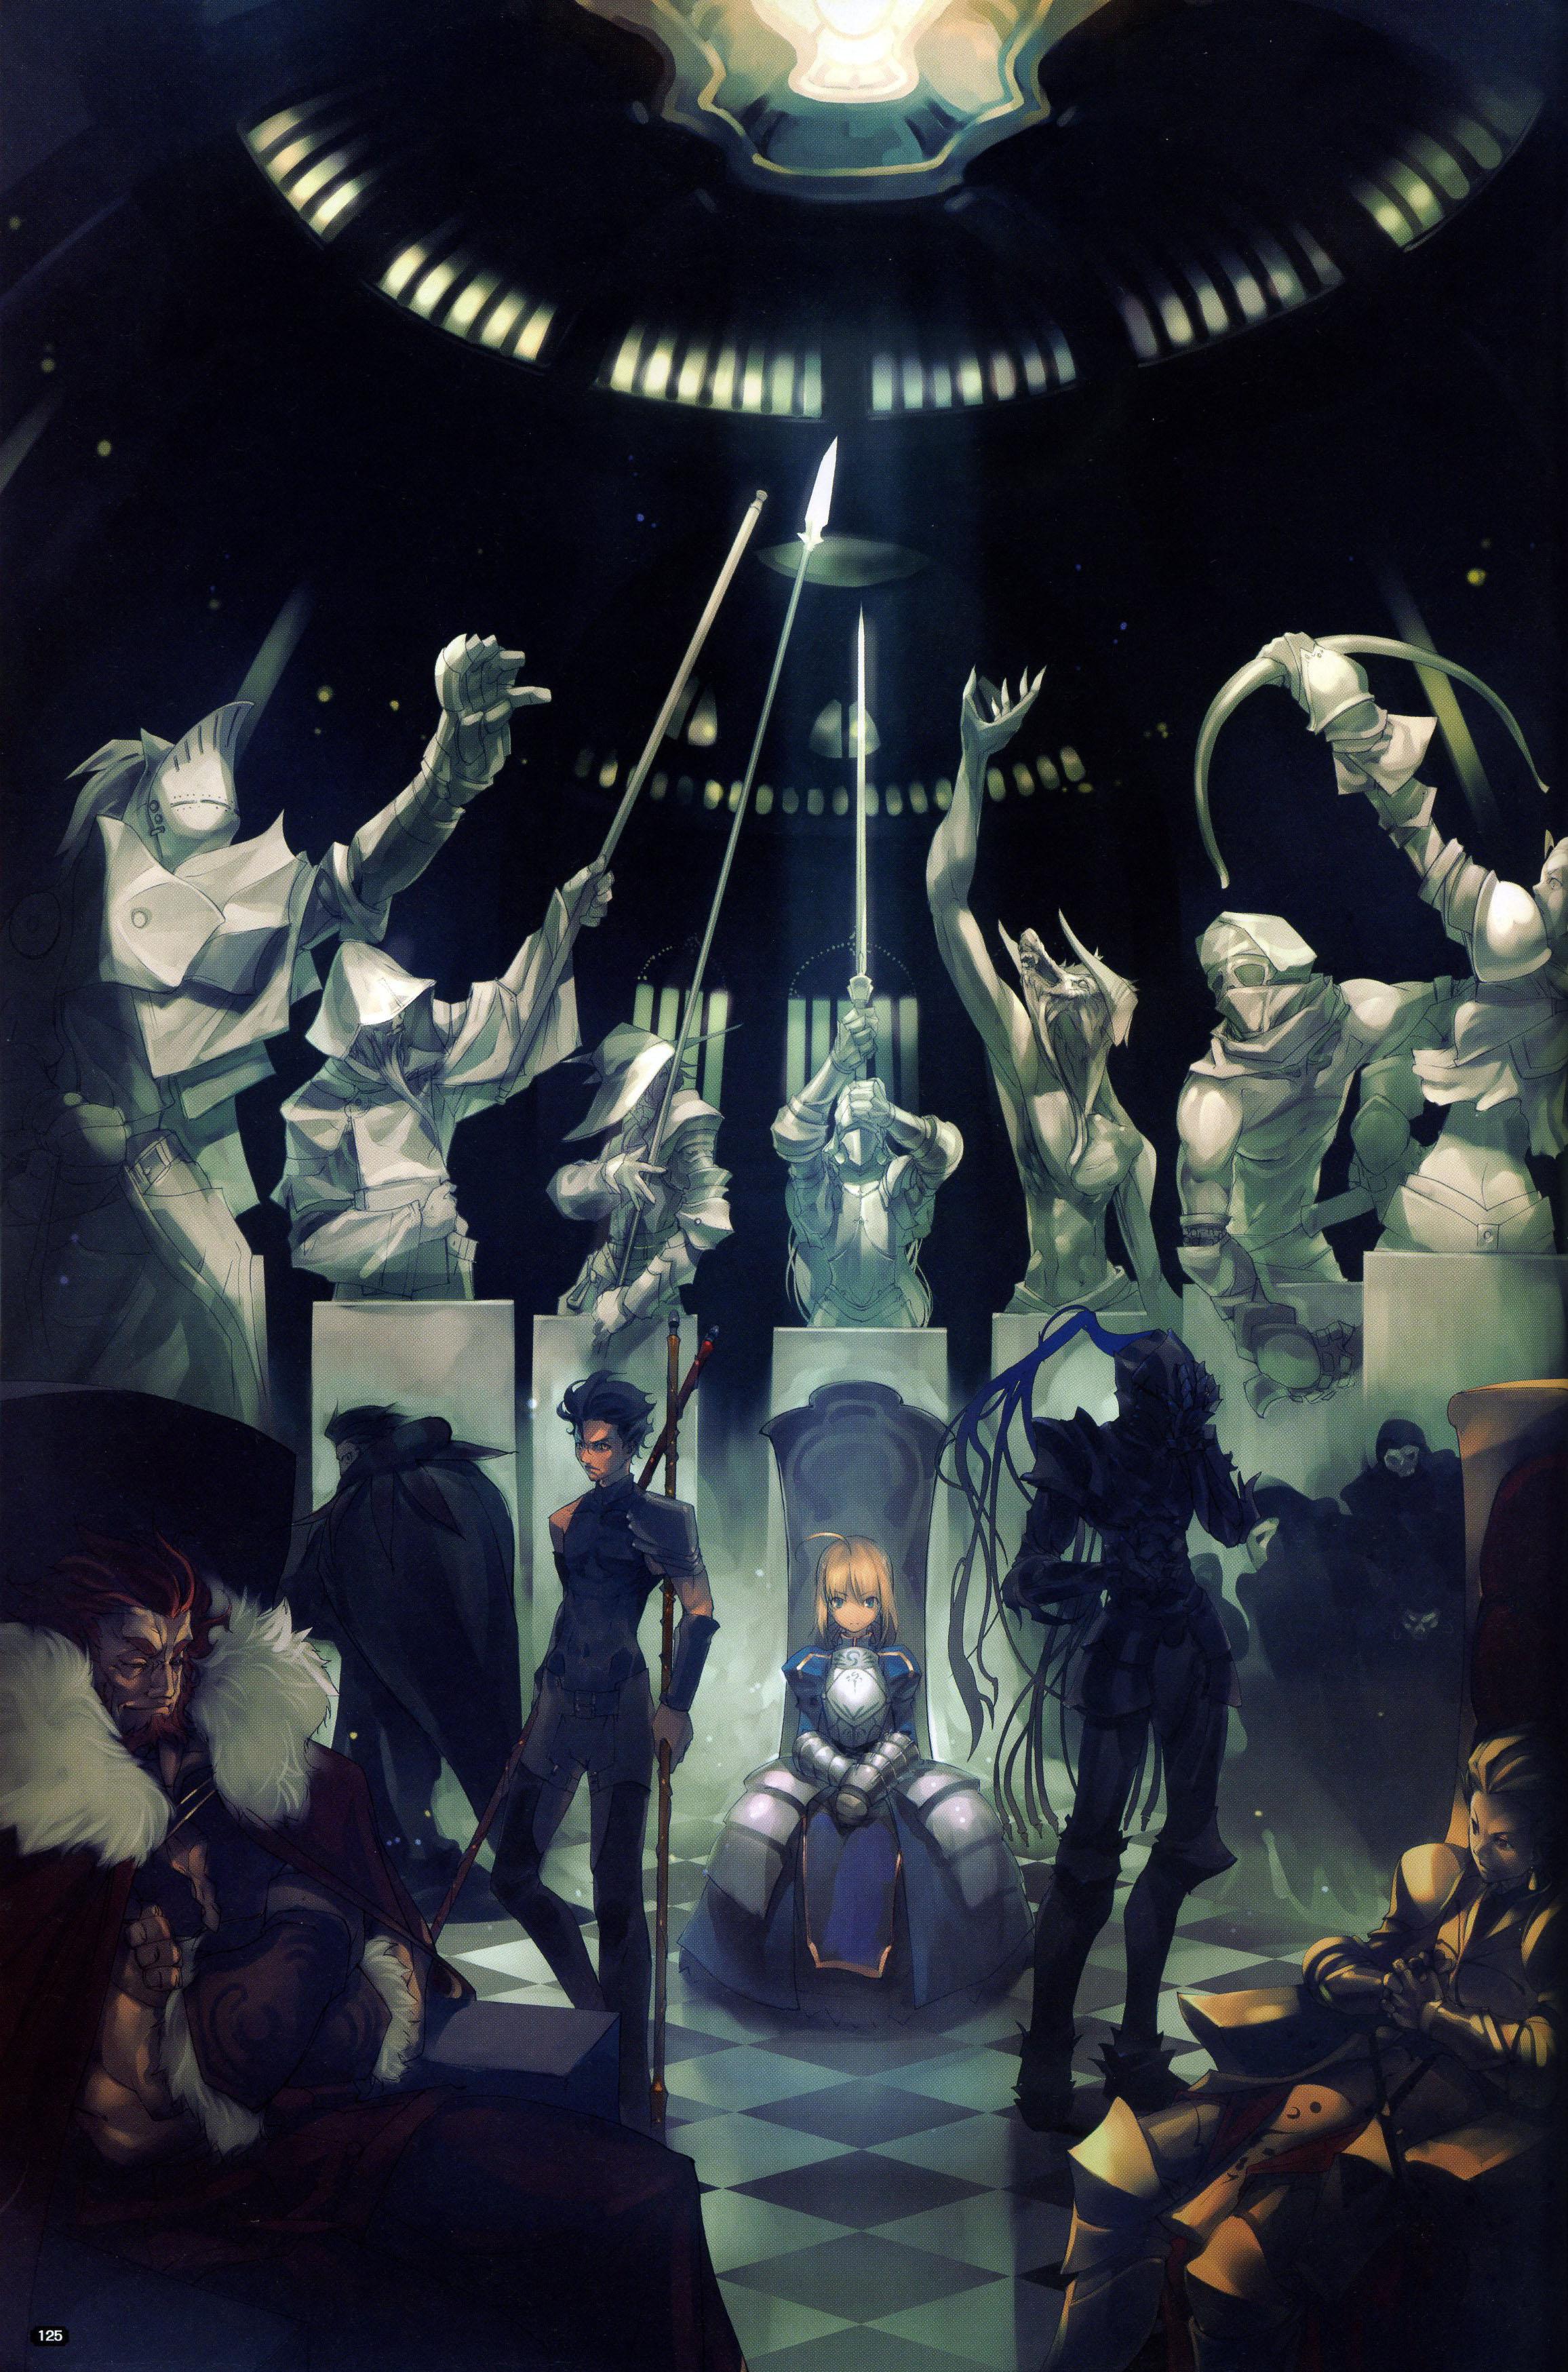 Gilgamesh Fate Stay Night Wallpaper And Scan Gallery Minitokyo